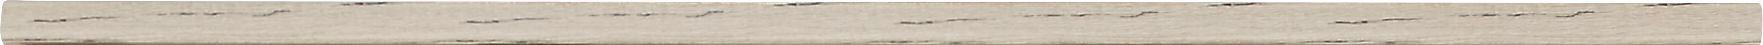 Kranzleiste New York in Eichefarben - Eichefarben, LIFESTYLE, Holz/Holzwerkstoff (135/3,2/1cm) - PREMIUM LIVING